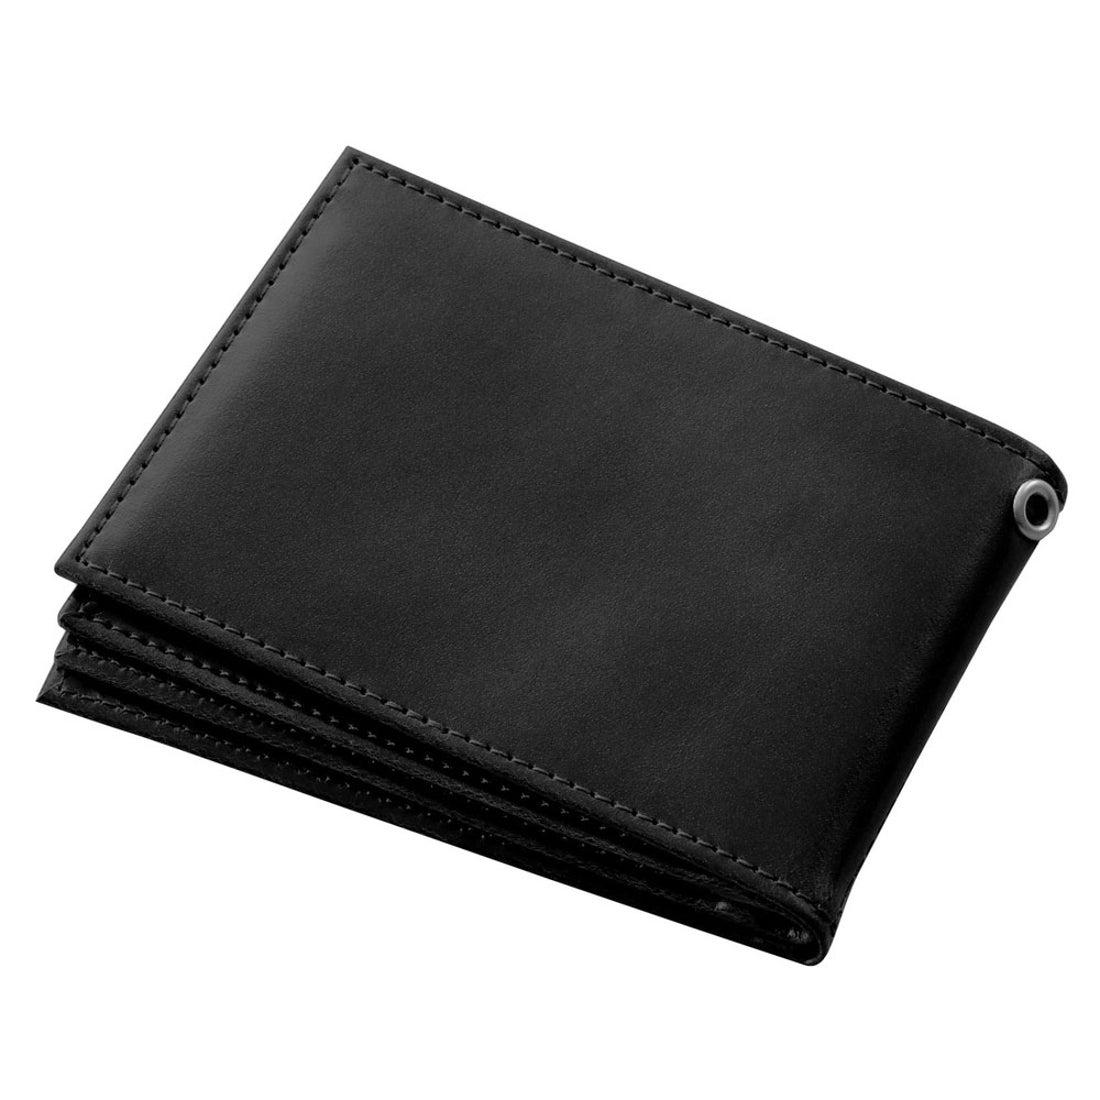 ノーブランド No Brand カードケース (ブラック)